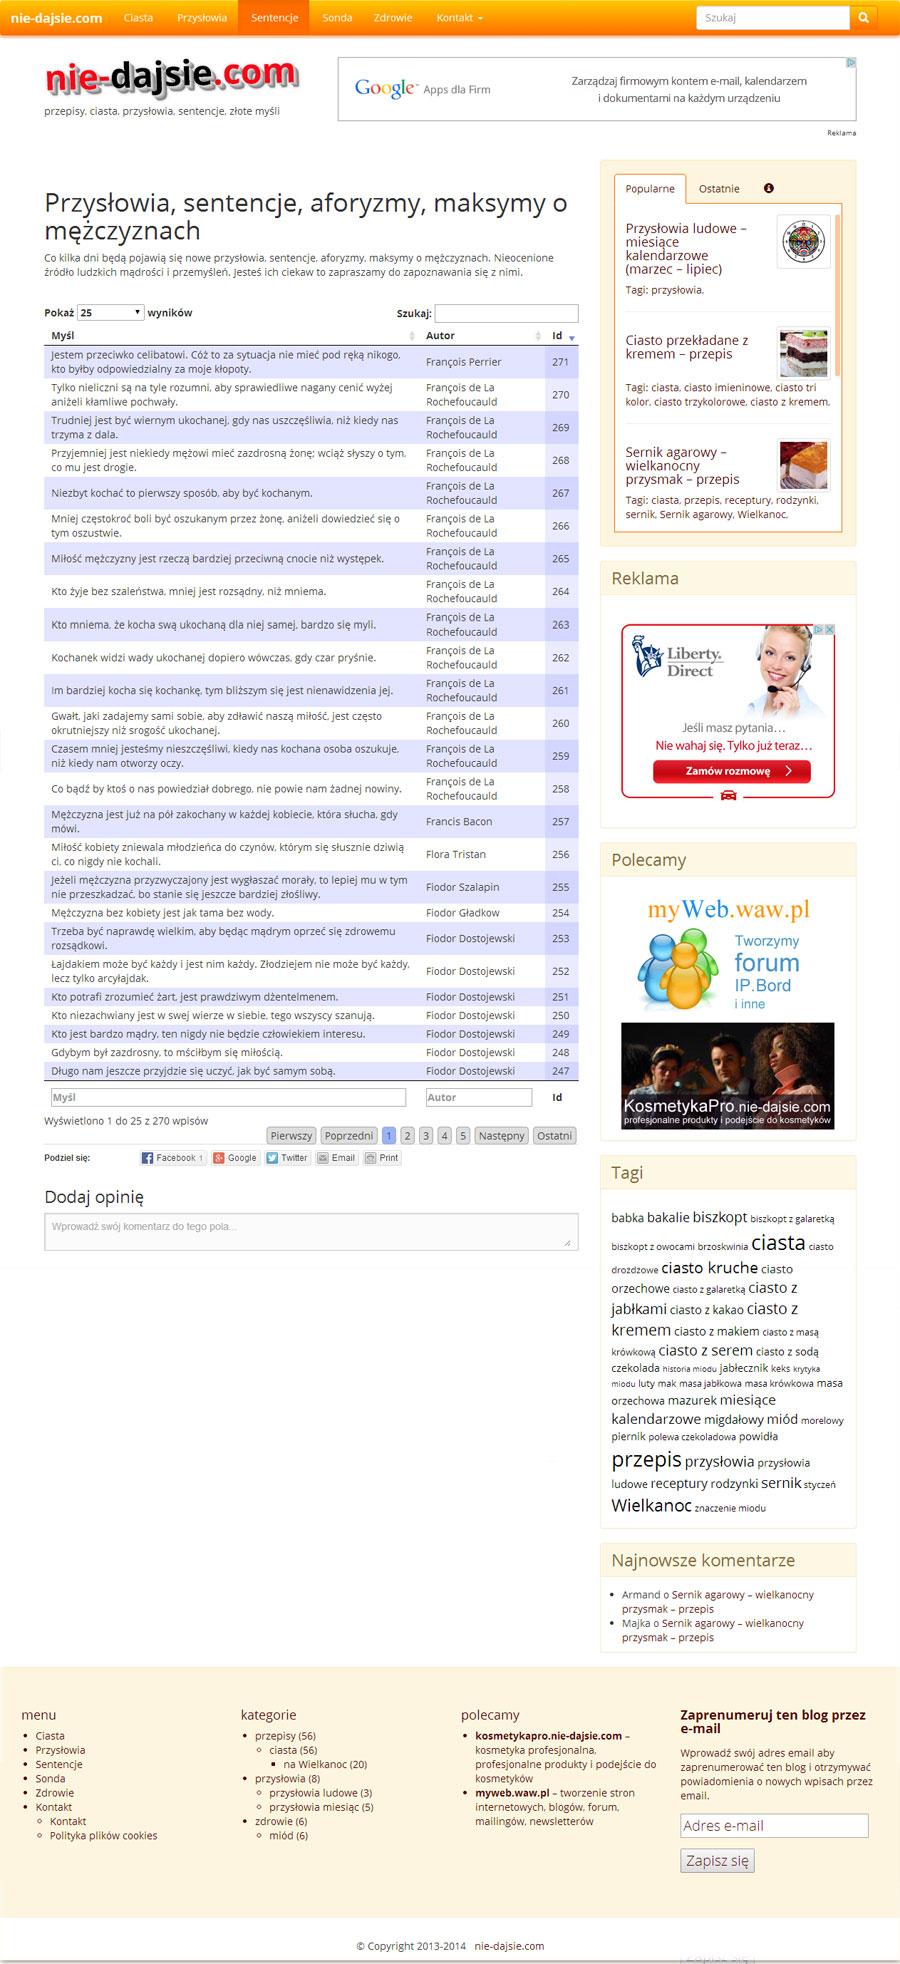 www.nie-dajsie.com - wersja 2